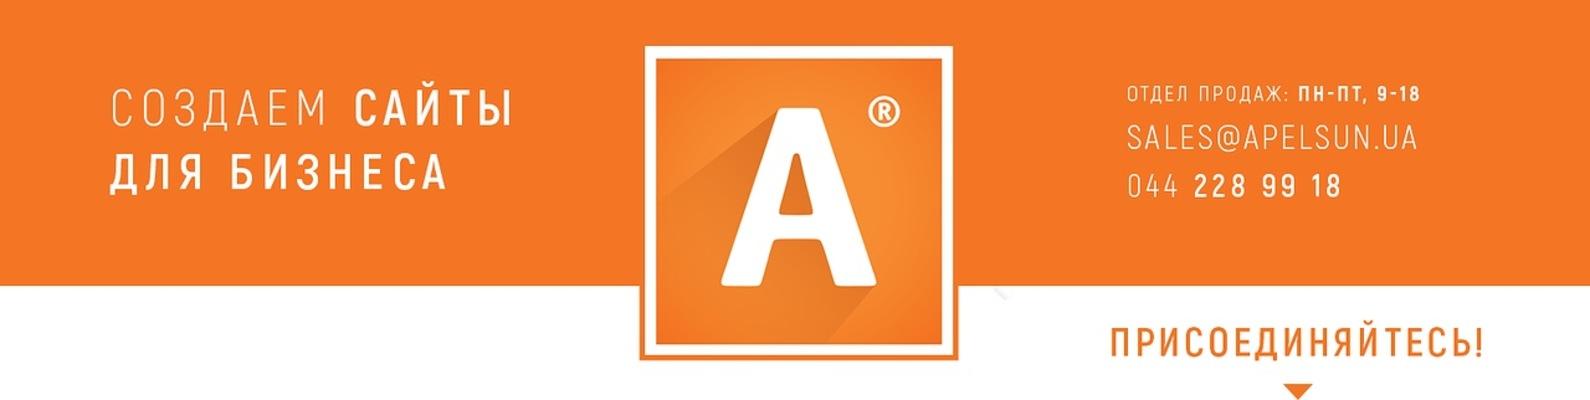 Создание сайта апельсин страховая компания уралсиб официальный сайт вакансии